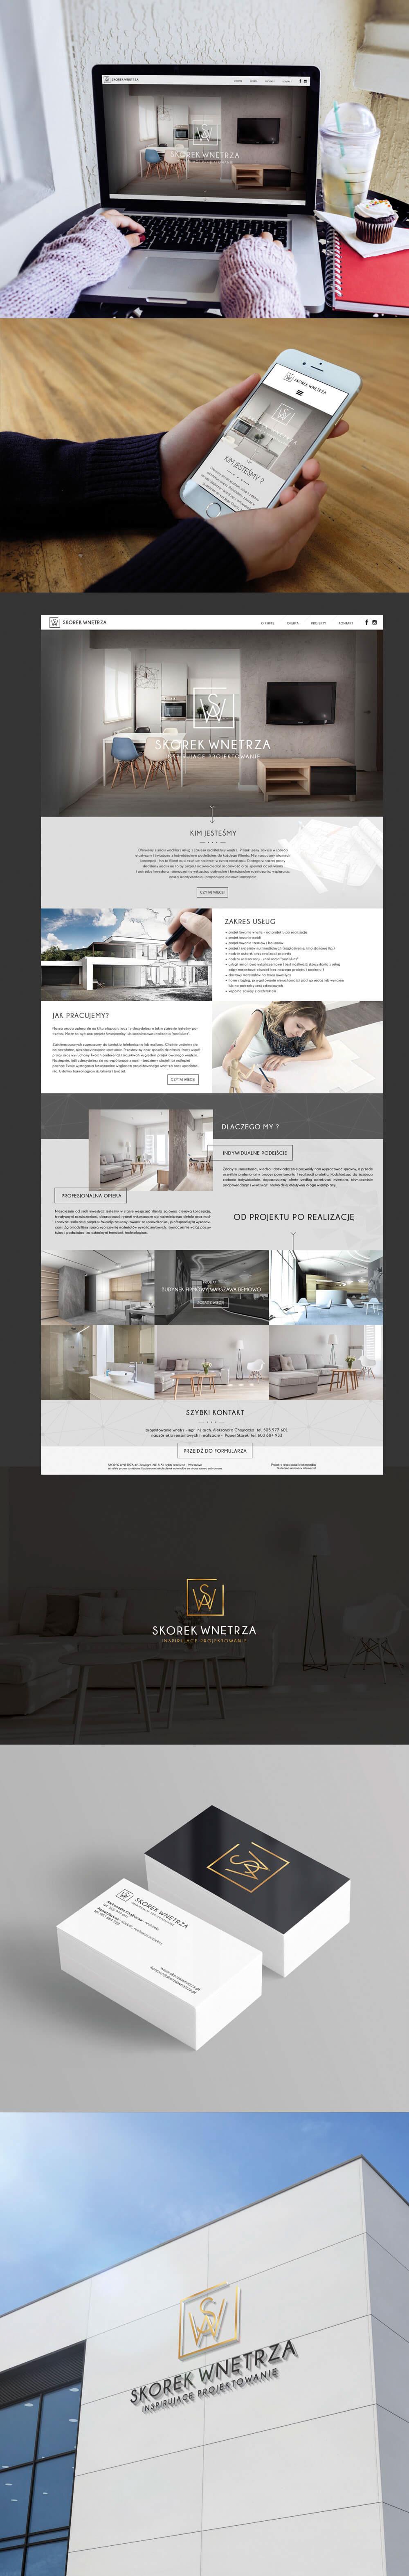 Webdesign strona www Strony Internetowe strony www Warszawa Project design Architekt